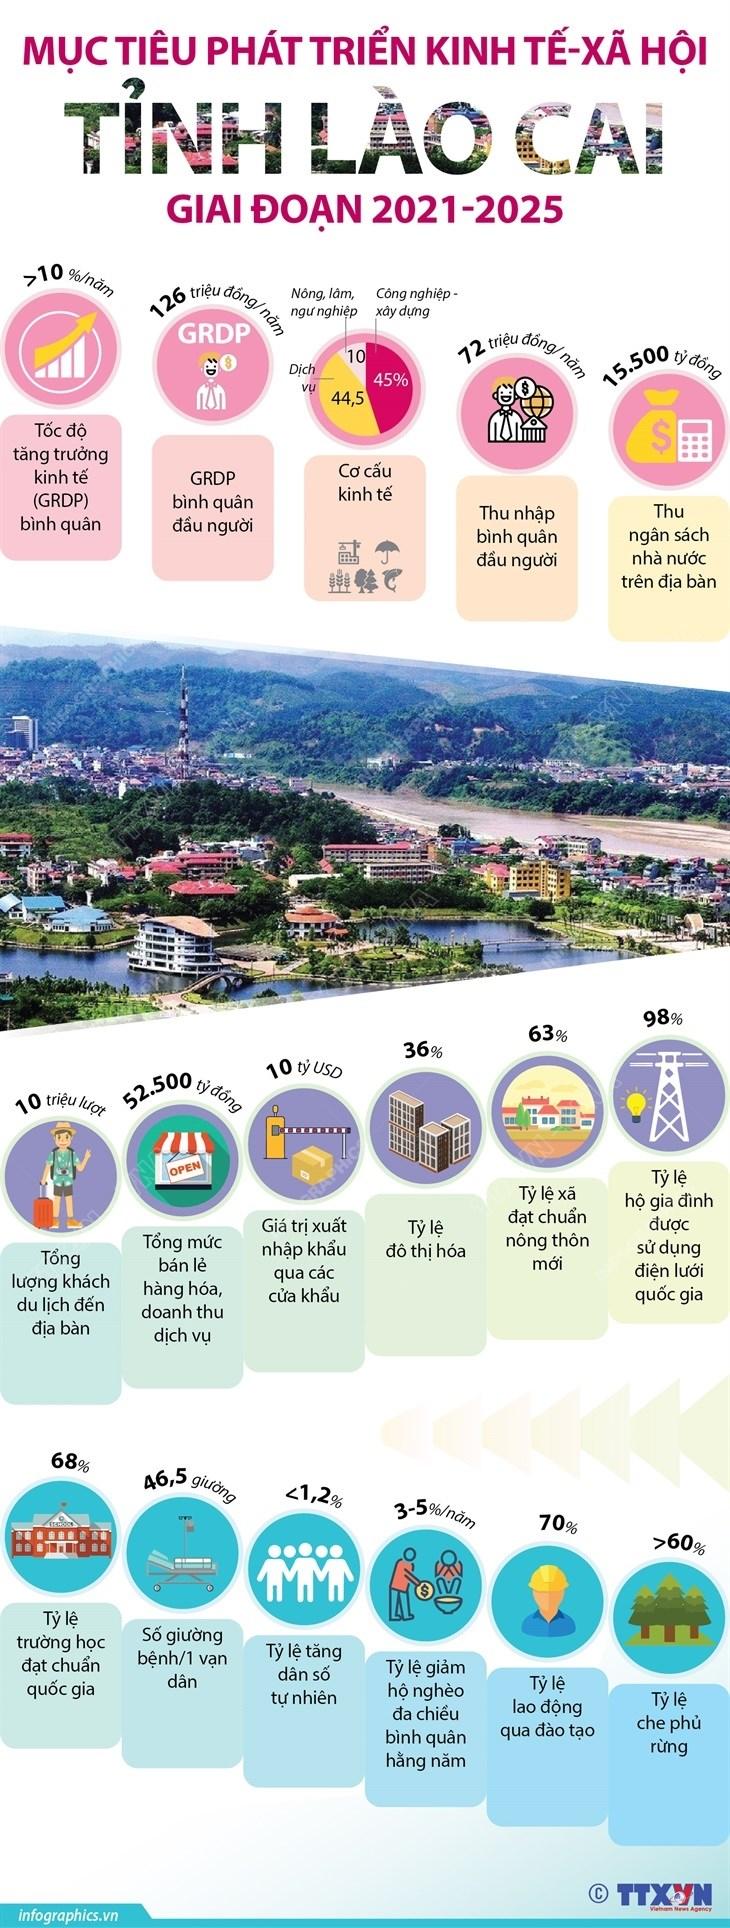 Muc tieu phat trien kinh te-xa hoi tinh Lao Cai giai doan 2021-2025 hinh anh 1